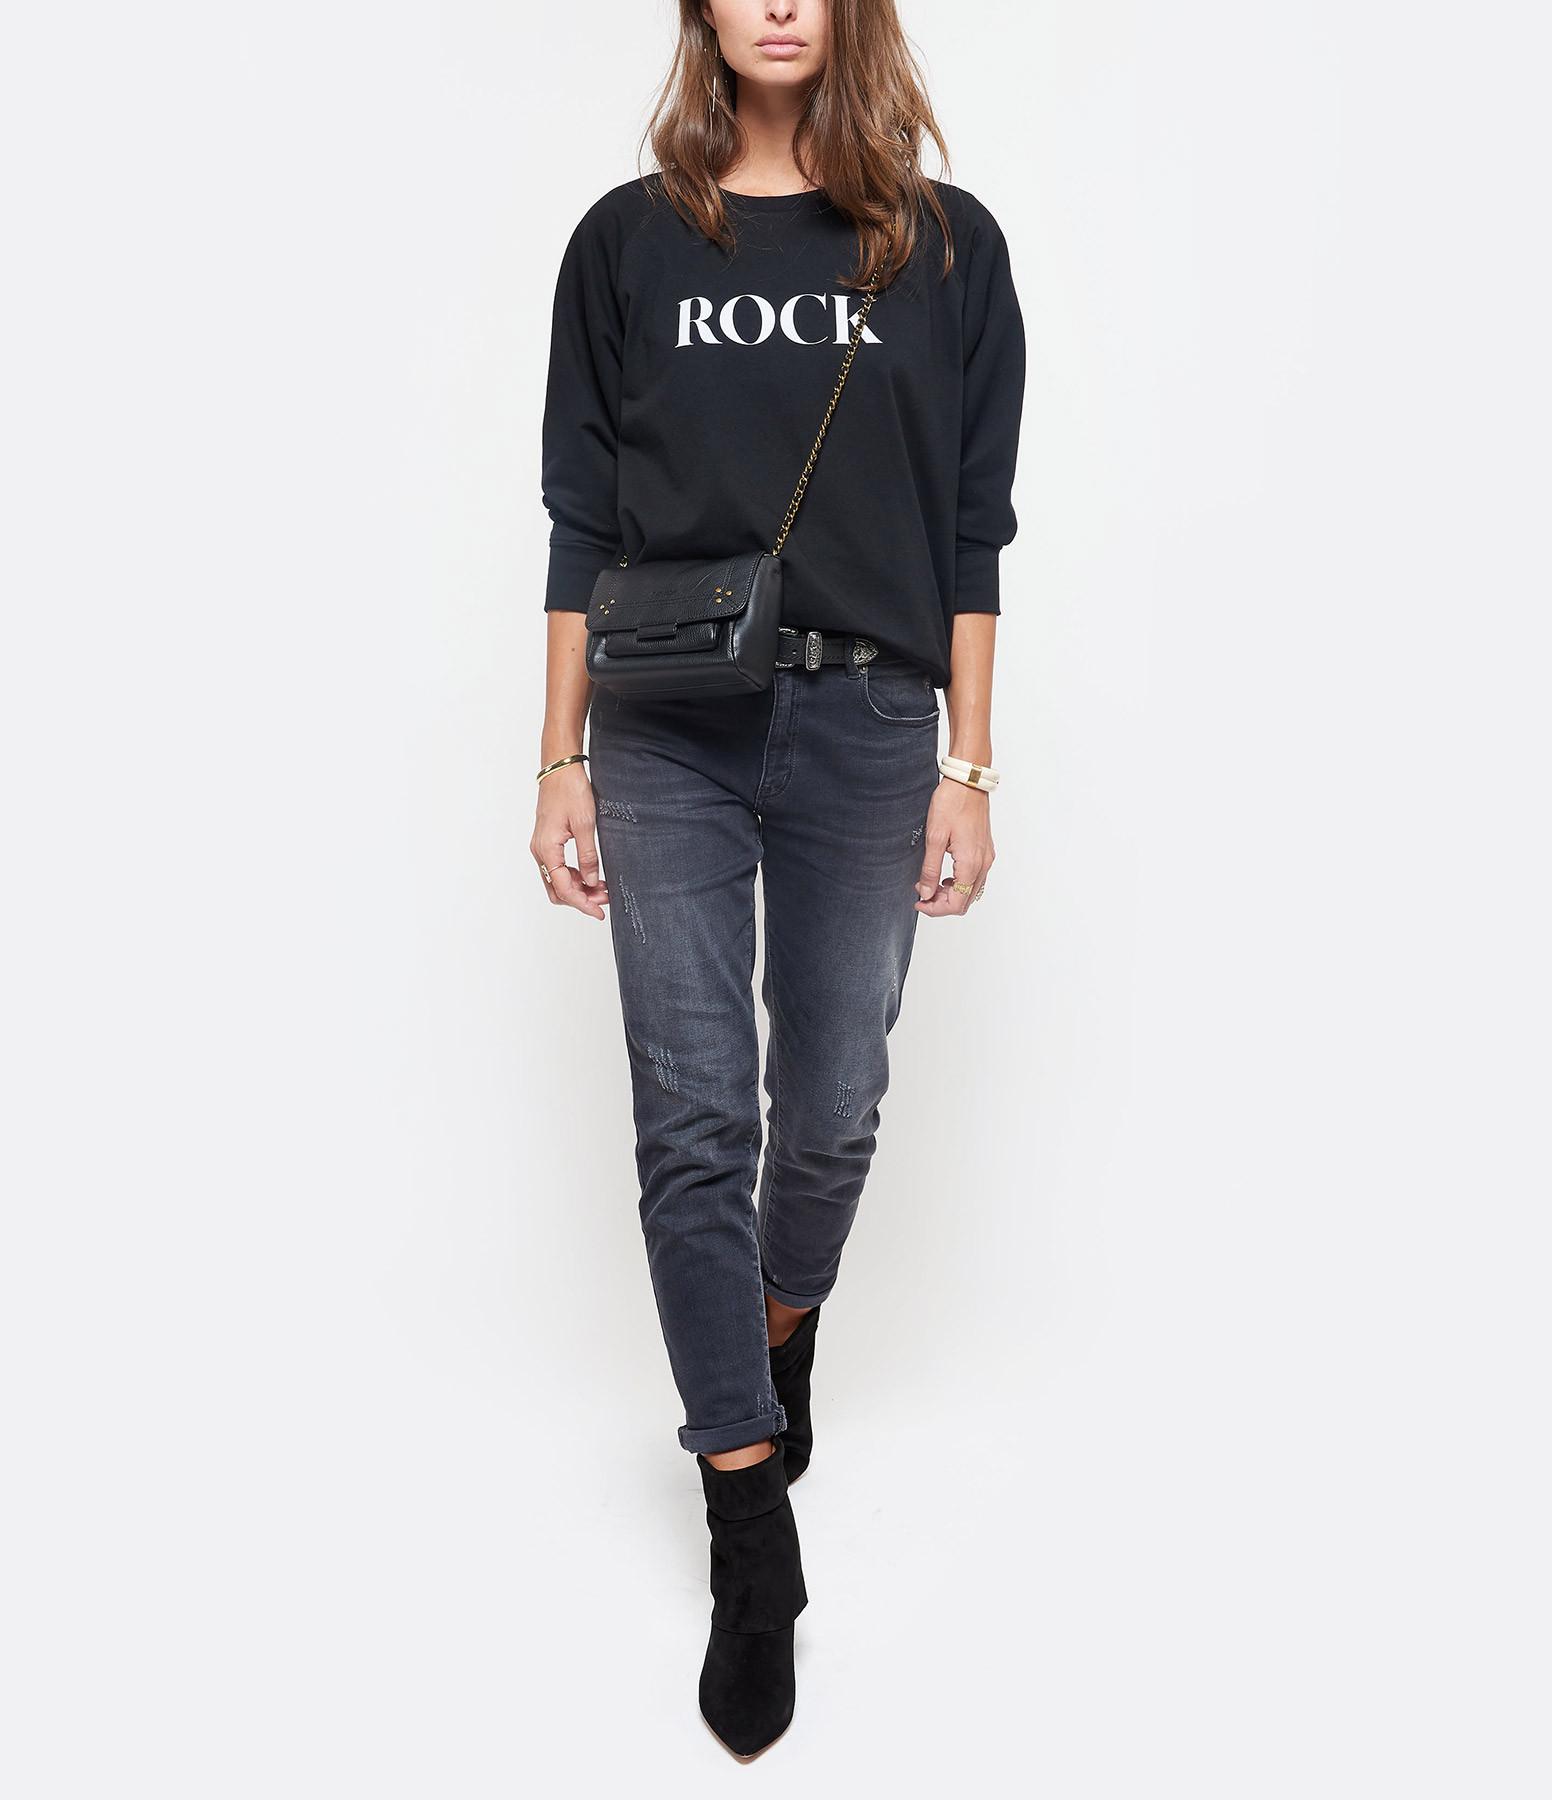 JEANNE VOULAND - Sweatshirt Celo Rock Love Coton Noir